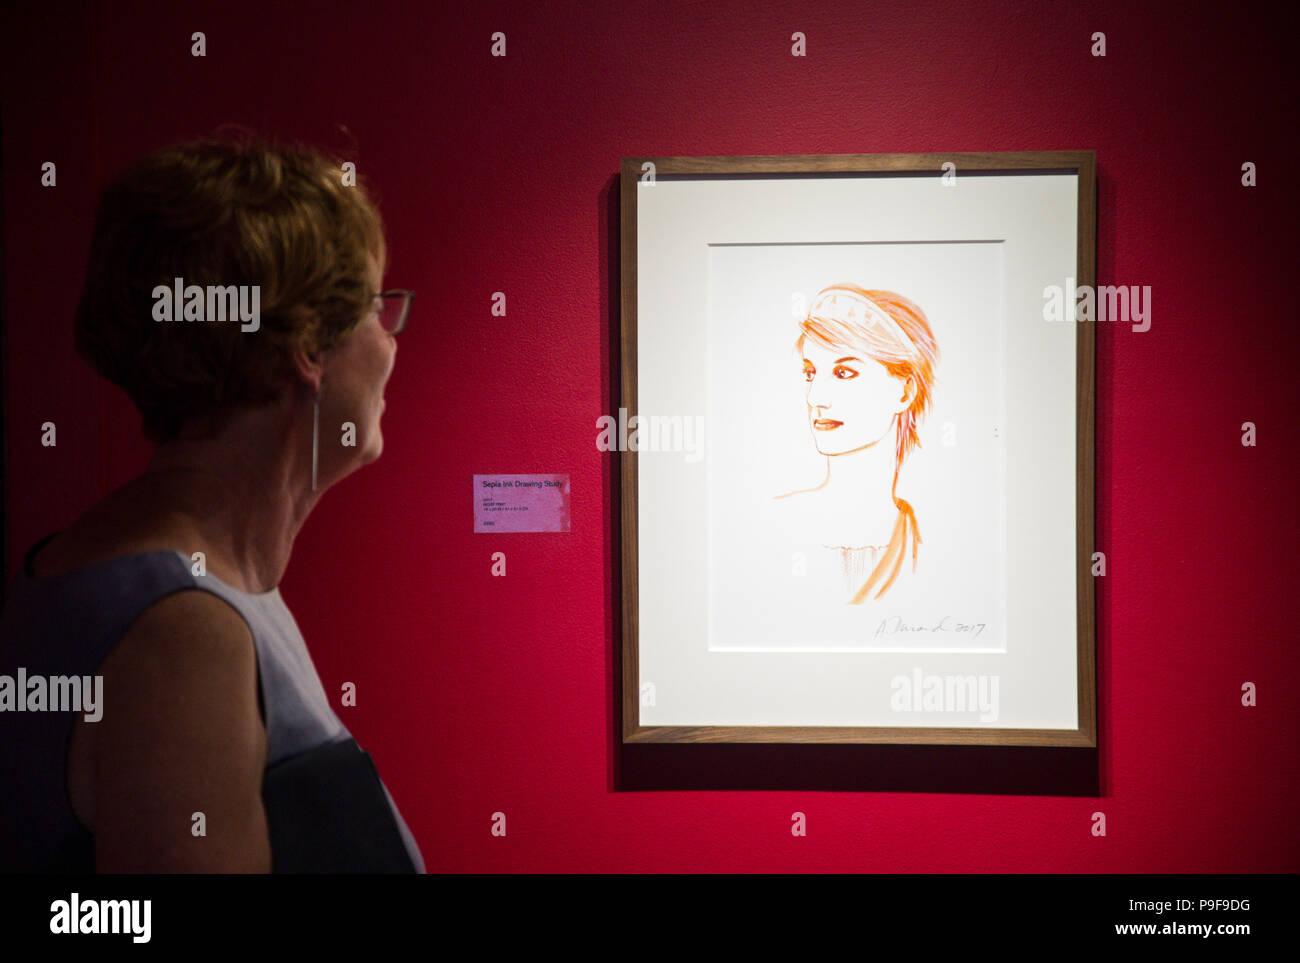 La galleria di grano, Sherborne, Dorset, Inghilterra. Il 29 giugno 2018. La visualizzazione privata prima della inaugurazione di André Durand di allegorie, DURAND DIANA DORSET allegorie. Le allegorie, dipinta in St James il Grande, Longburton, sono dedicati alla memoria di Lady Diana, principessa di Galles. Da raffigurante la principessa come greco-romana dea Diana, dopo che ella è stato dato il nome di persona storica è metamorfosati di uno del mito. L'esoterismo e dimensioni mitologico delle allegorie sono ulteriormente evocata dal Cerne Abbas Giant e la sua antica allineamento con la costellazione di Orione, insieme con Immagini Stock